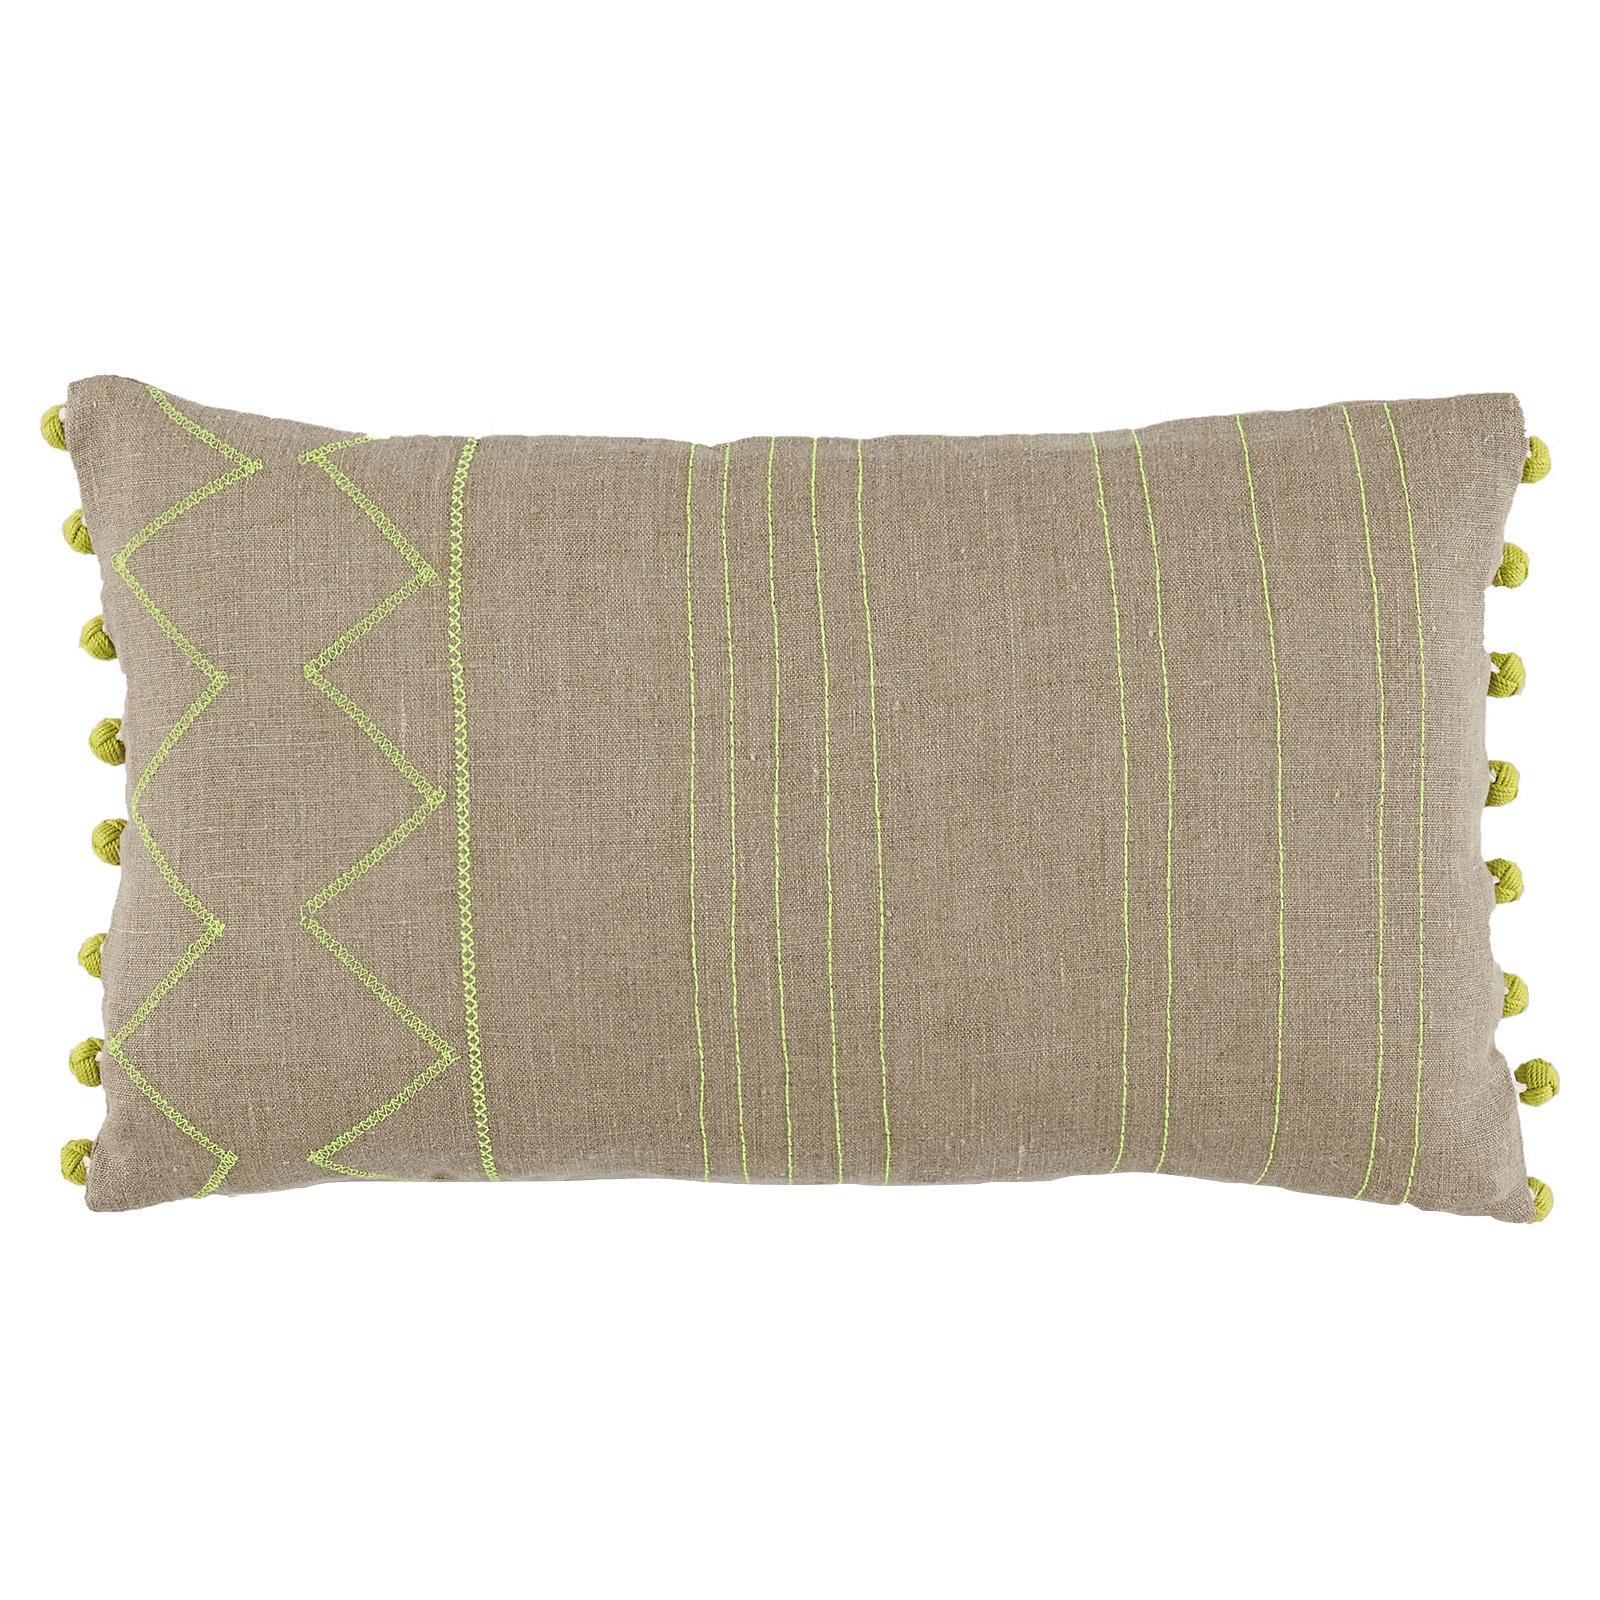 Lulu Bazaar Stitched Citrus Pom Pom Beige Pillow - 13x22